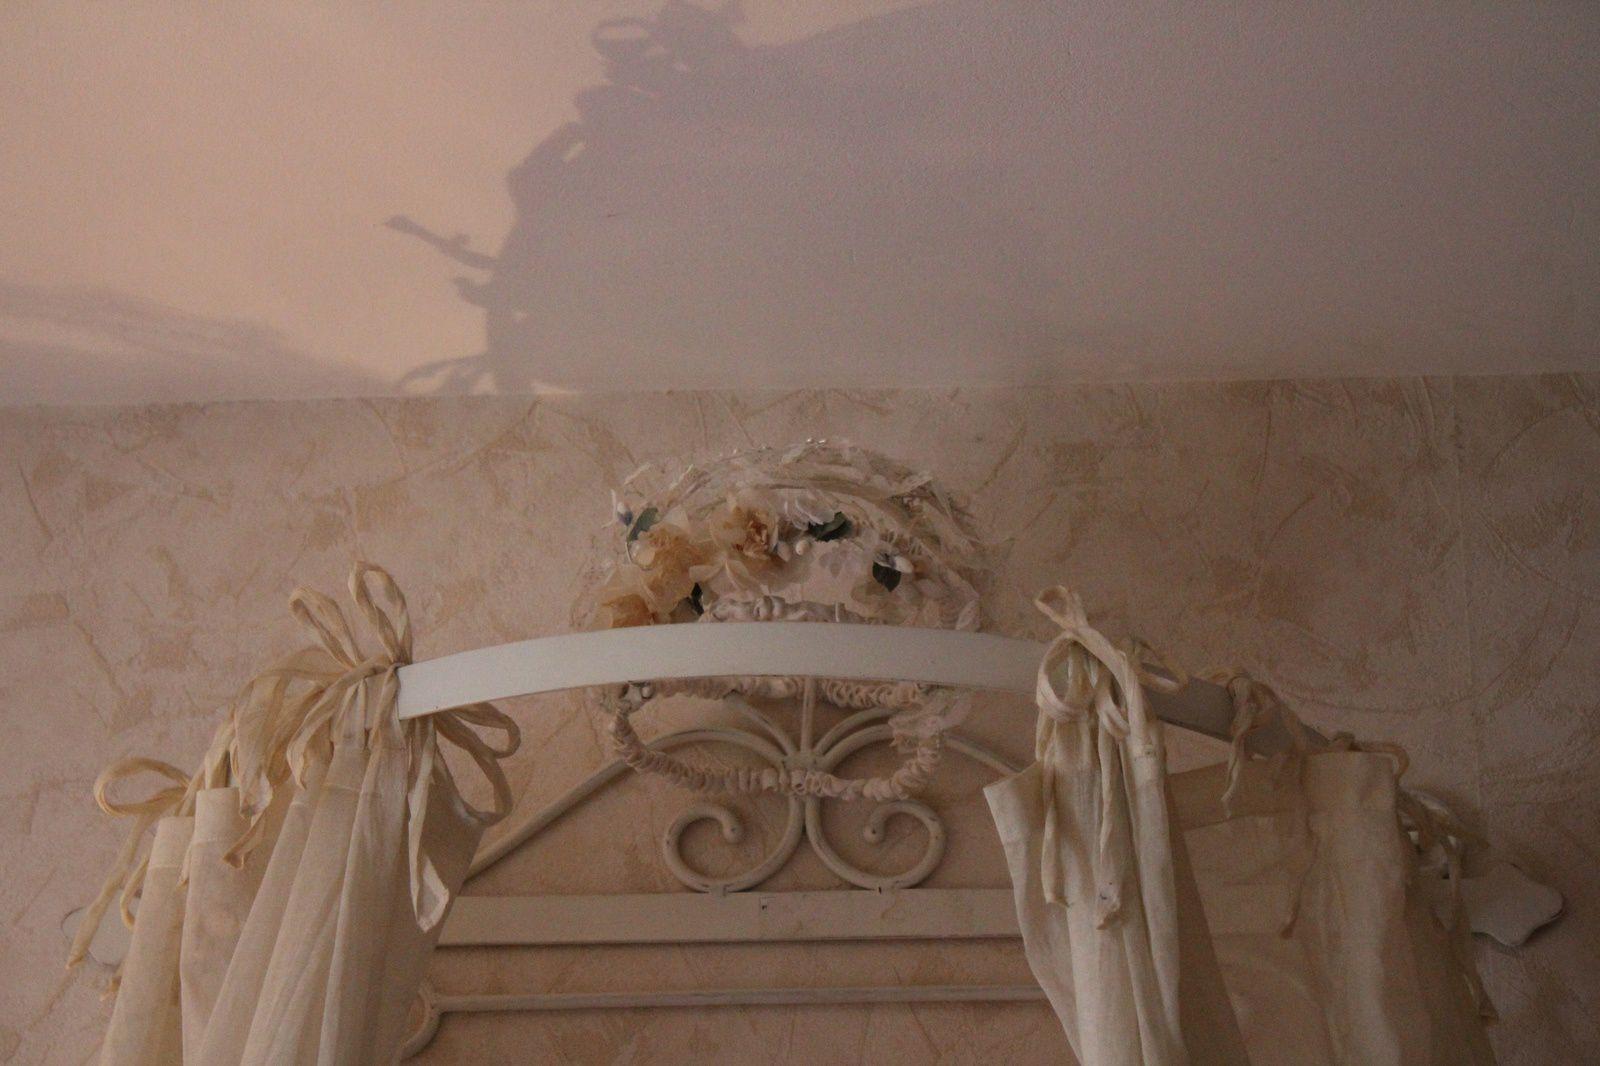 Variations sur un même thème : les couronnes de mariée sont assez diverses pour orner des endroits bien différents dans la maison